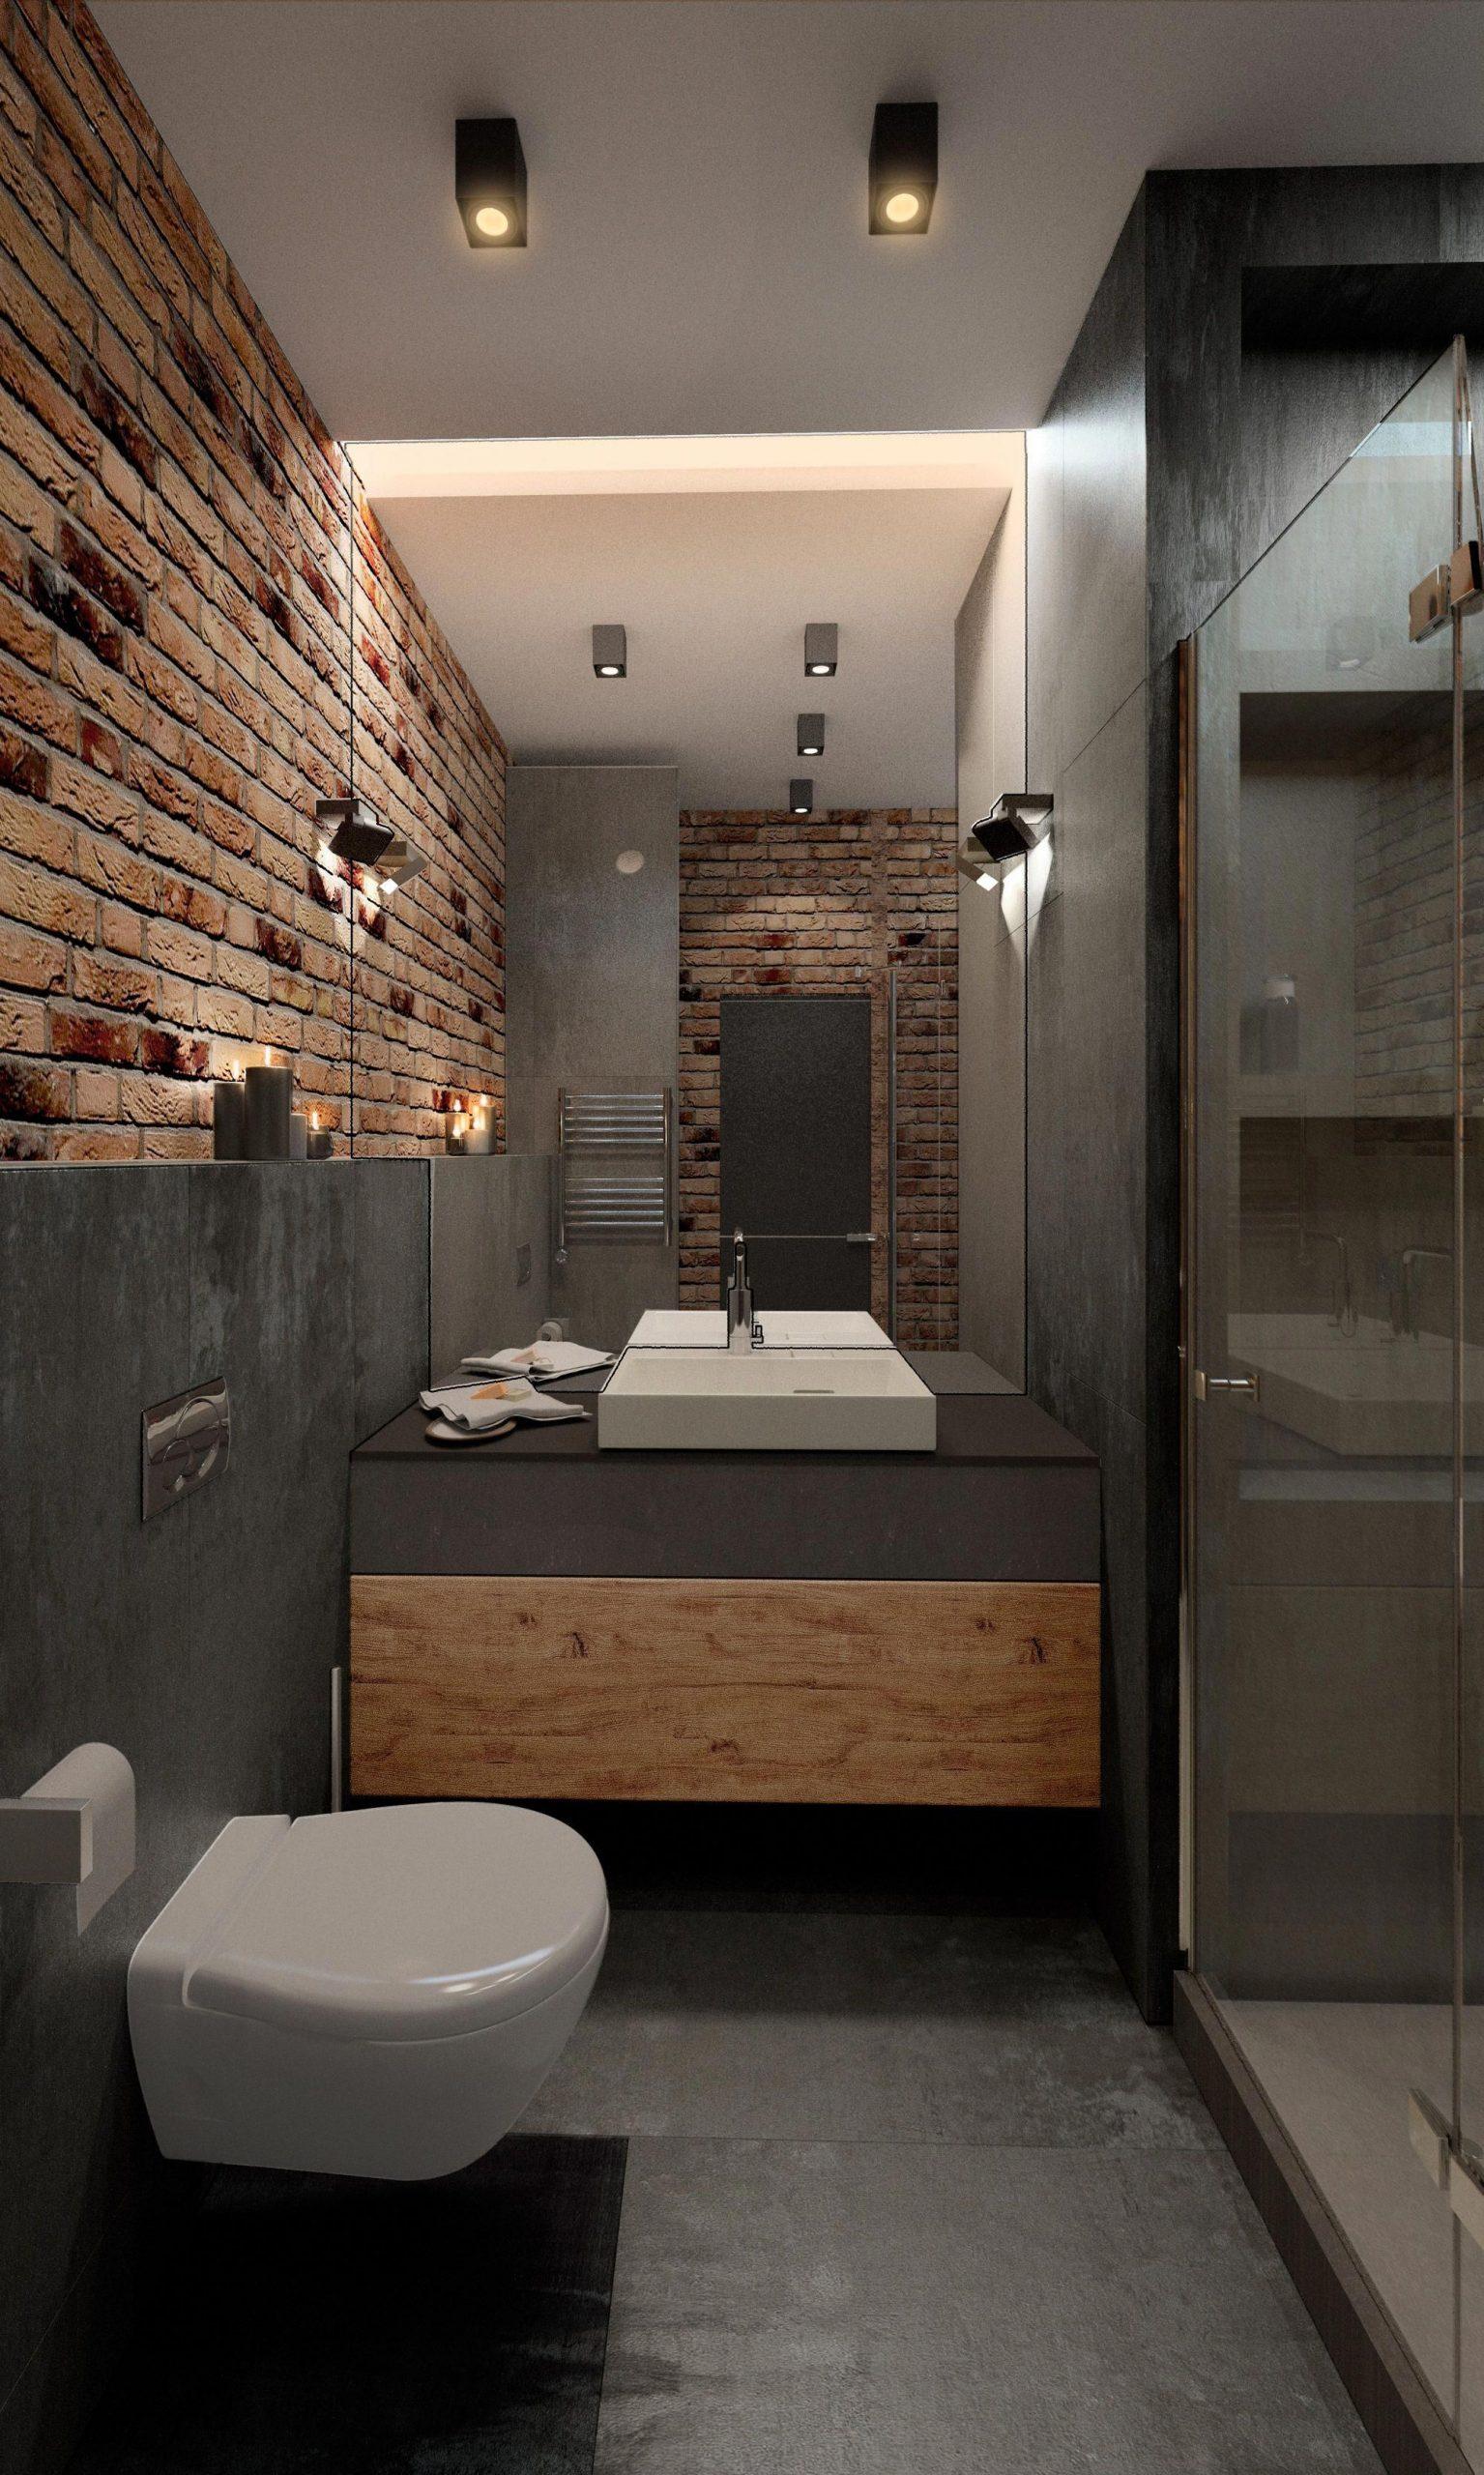 Trang Trí Phòng Tắm Công Nghiệp